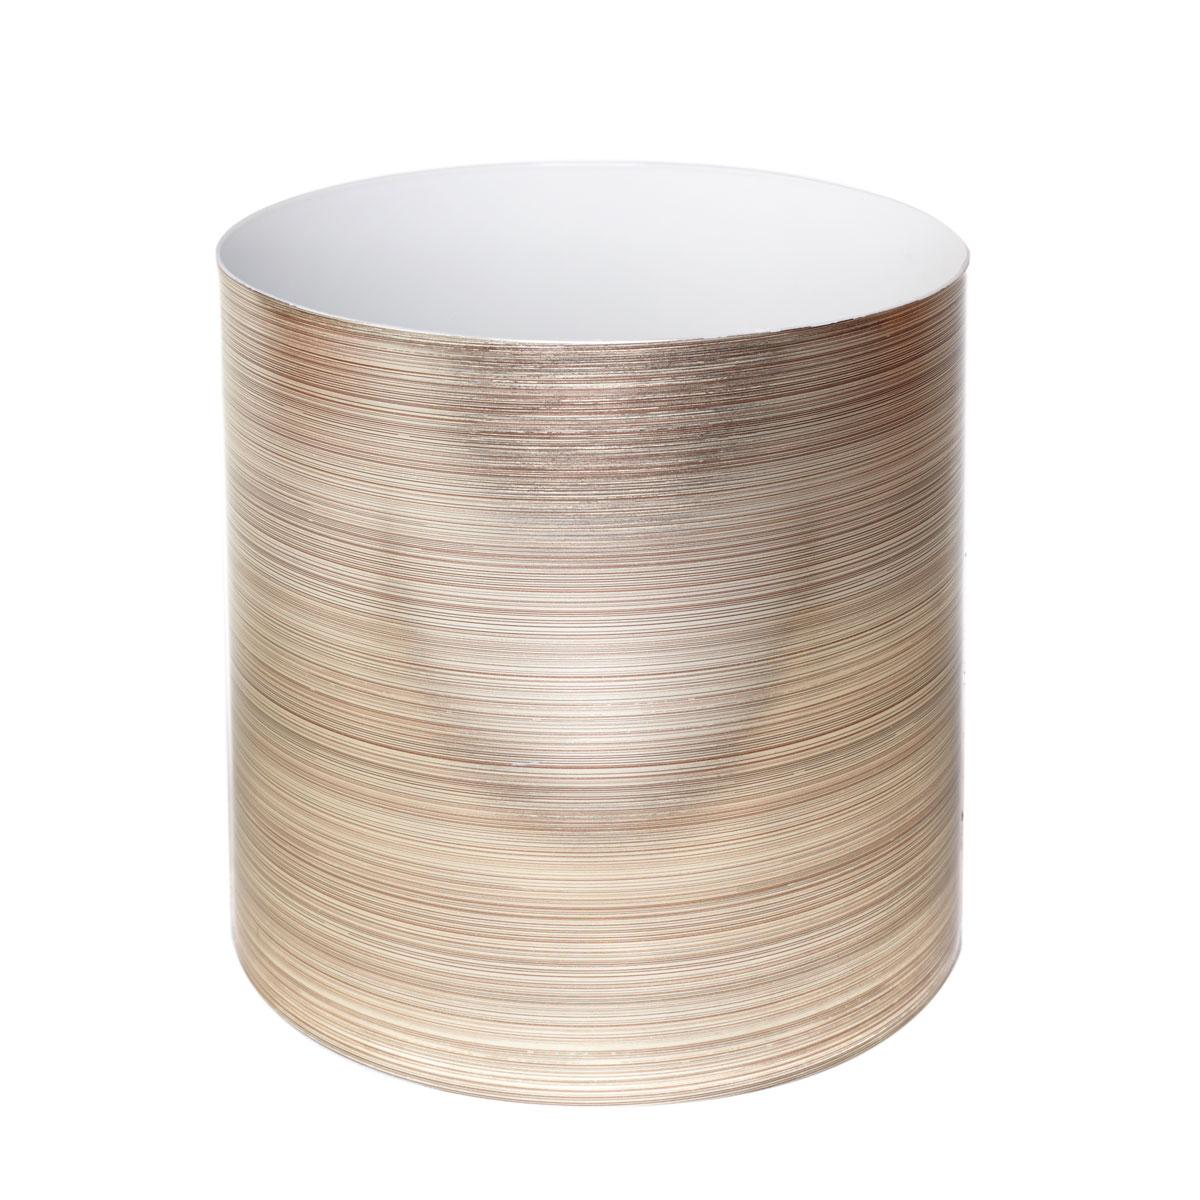 Горшок для цветов Miolla Золото со скрытым поддоном, 5,1лSMG-50Декоративный горшочек Miolla c 3D рисунком. Хорошо будут смотреться как основа для топиариев и флористических композиций. А так же замечательно для комнатных цветов. Со скрытым поддоном.